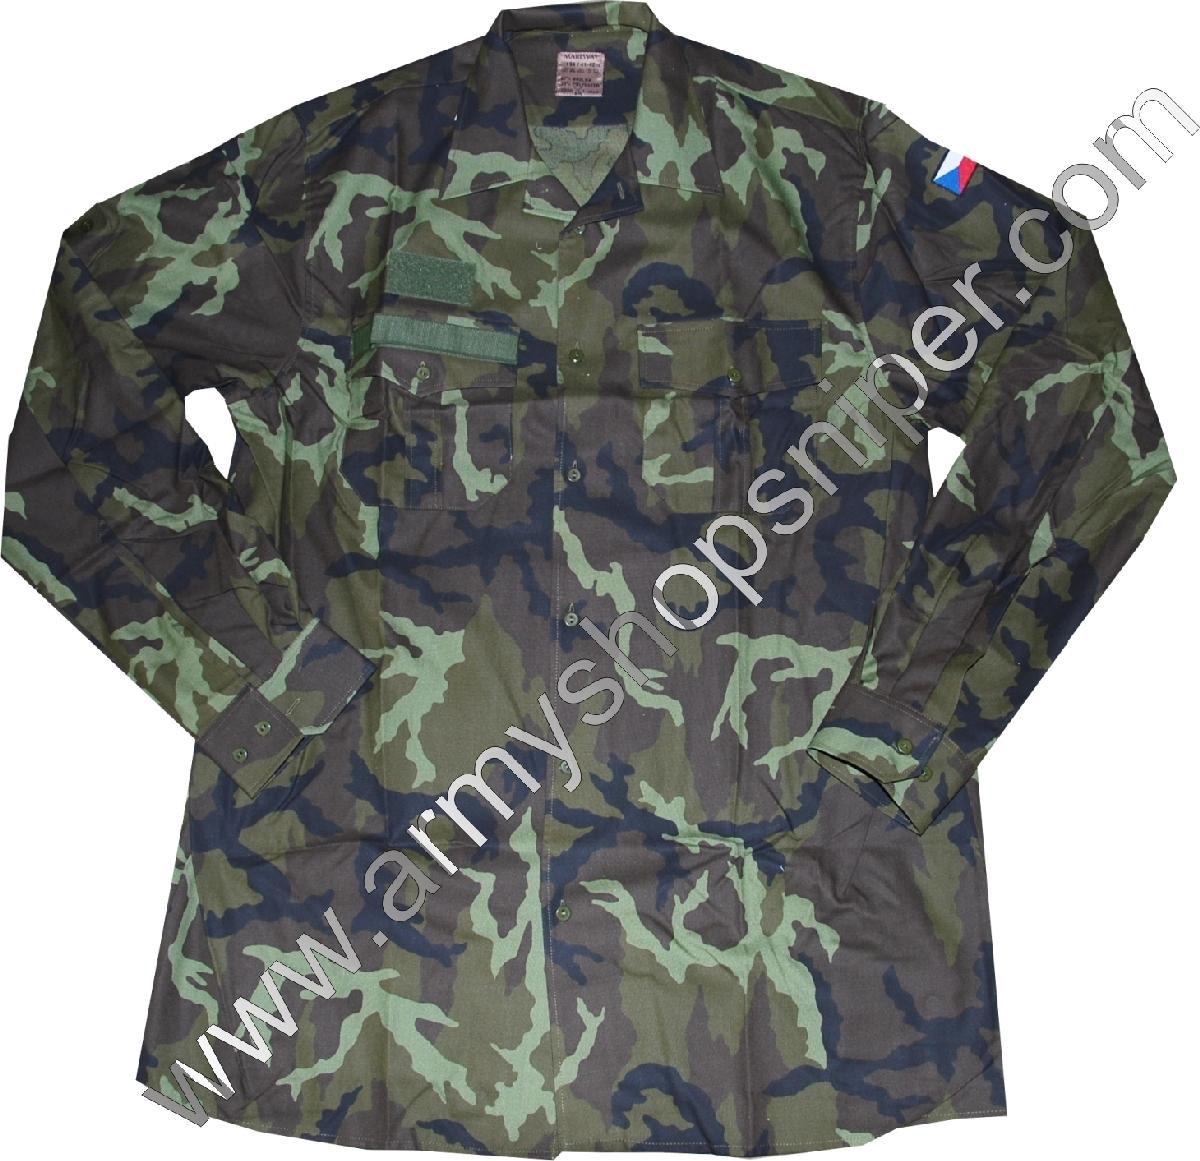 Košile AČR 2000 vz.95   194/43-44